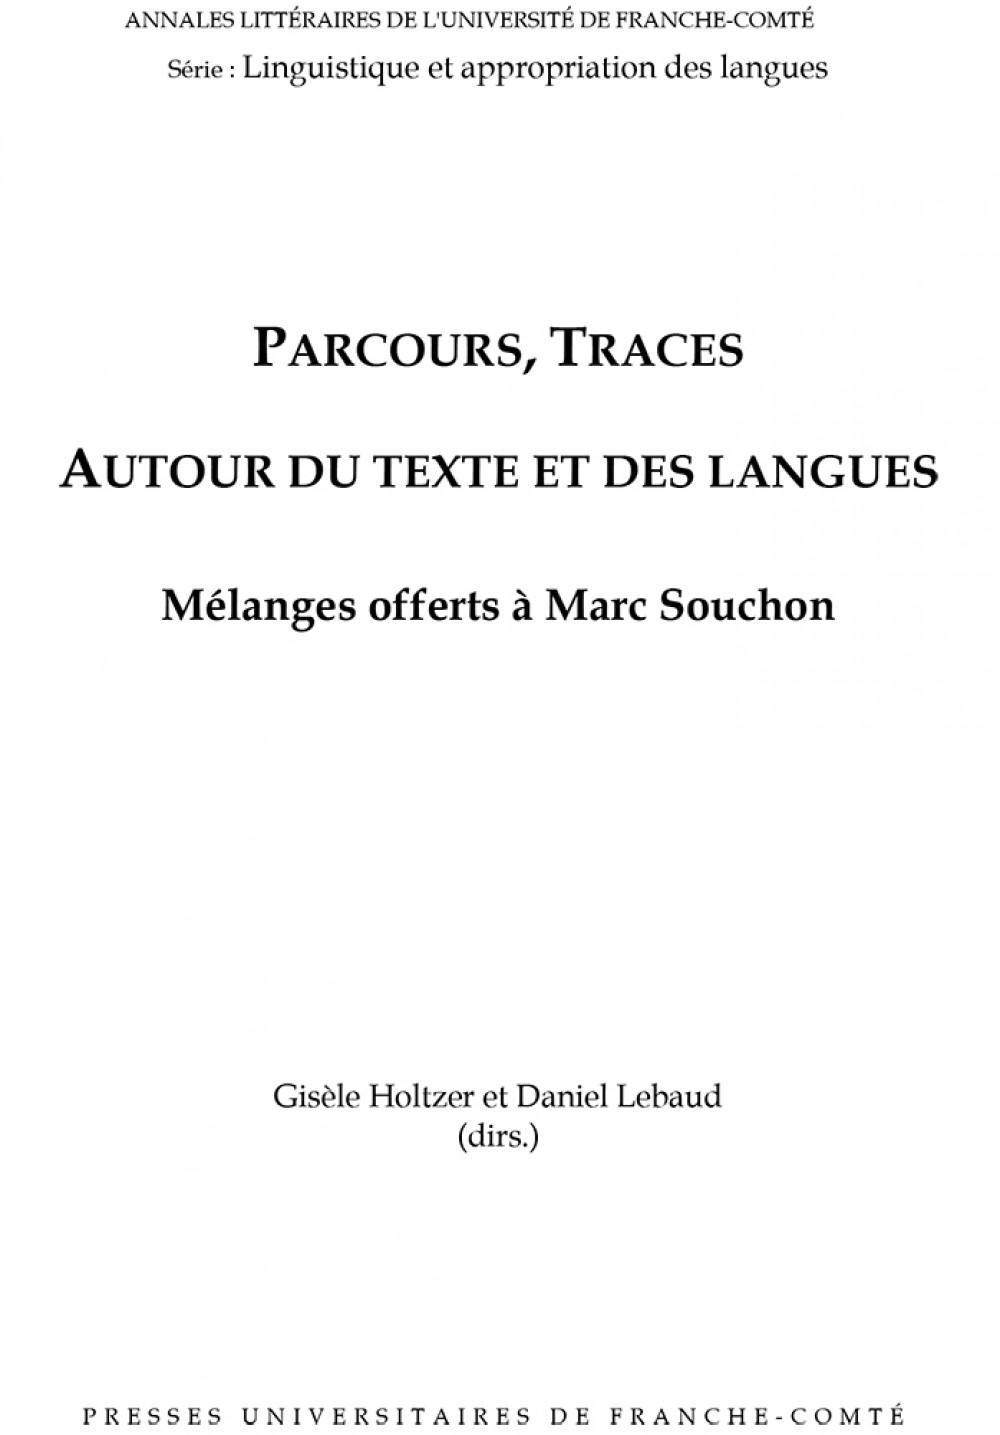 Parcours, Traces autour du texte et des langues